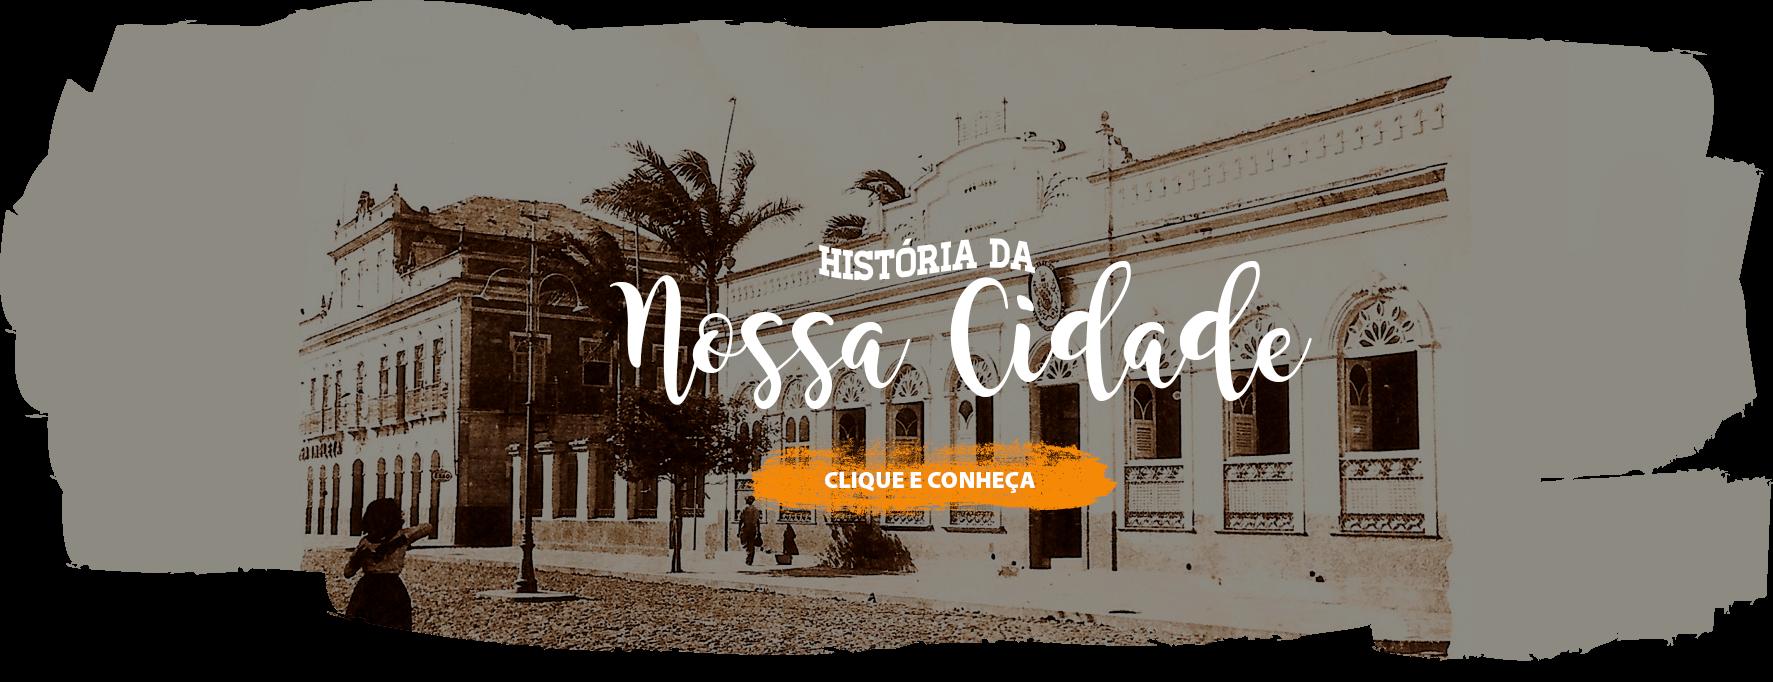 História da Nossa Cidade